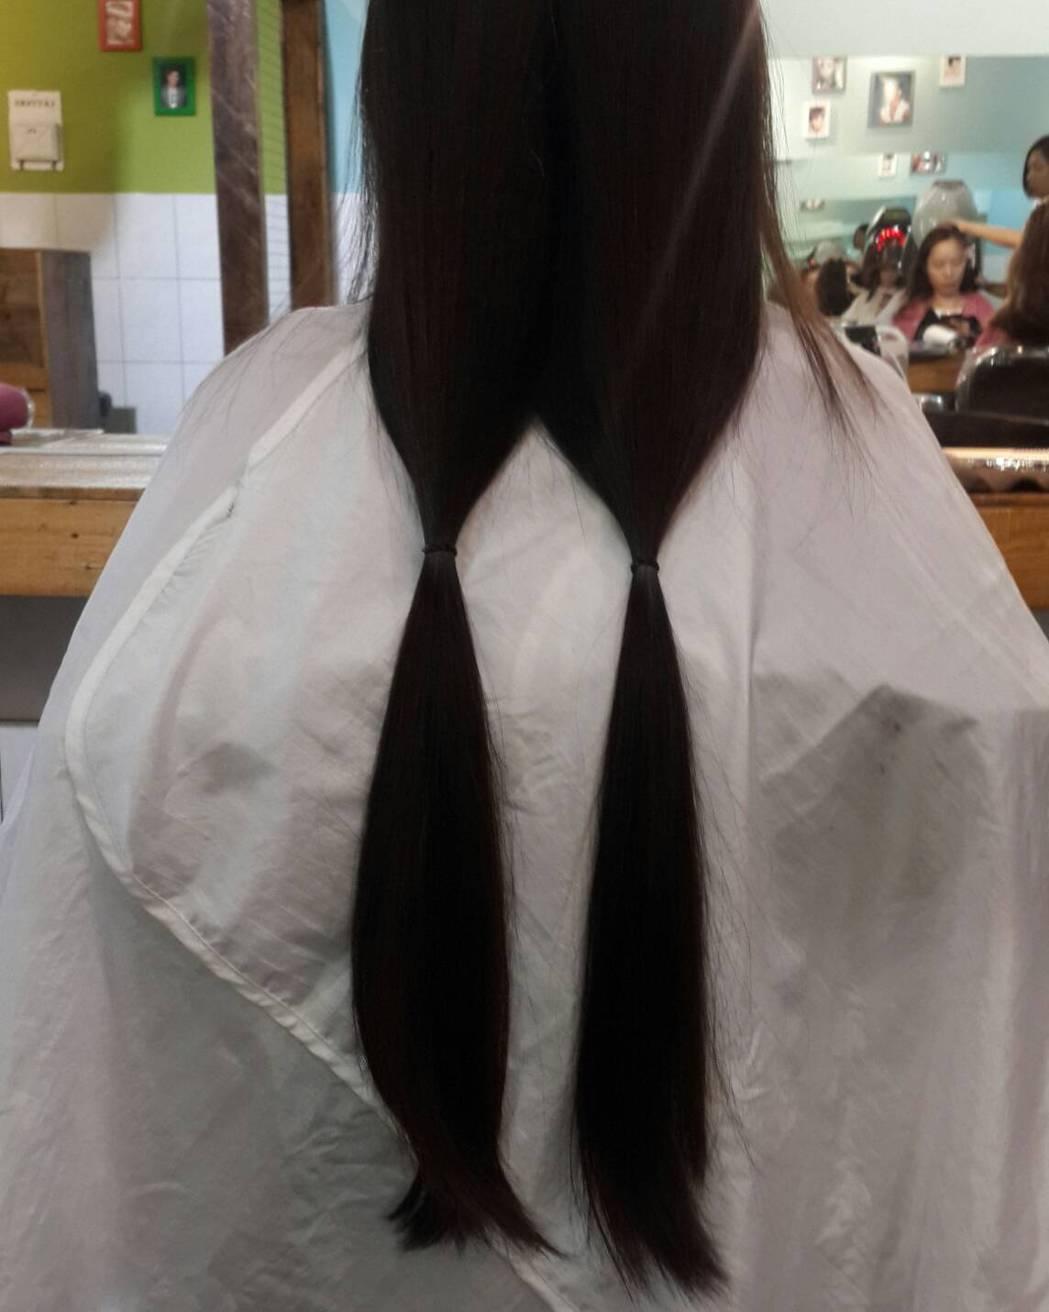 衛福部台中醫院營養室主任盧靜詩第一次為了捐髮,留髮到超過腰部,共捐出36公分頭髮...